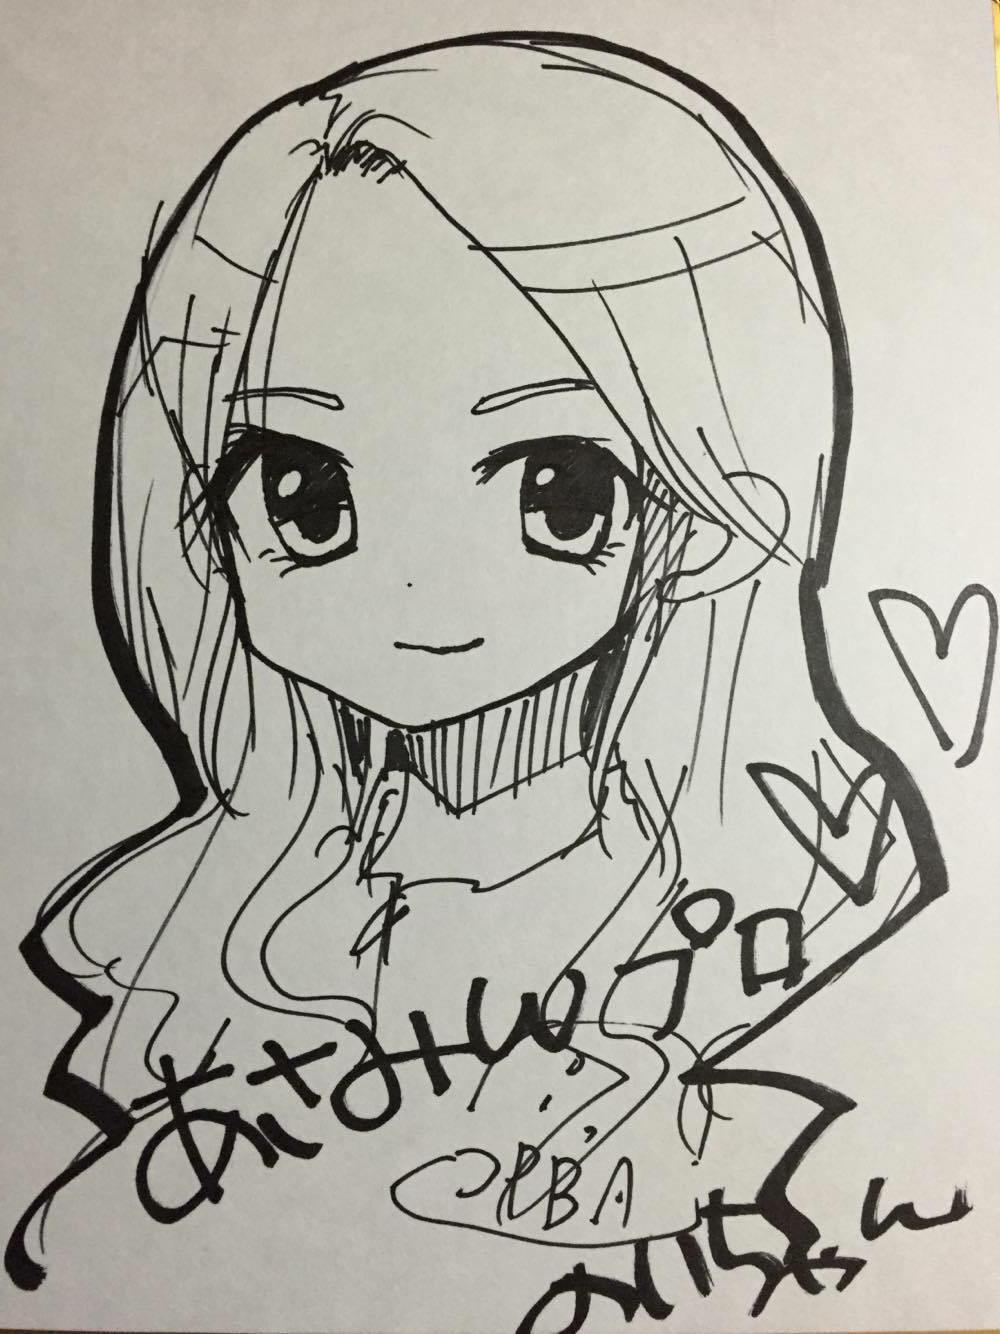 湘南ちゃれ☆withのいちゃん_b0296199_15094990.jpg